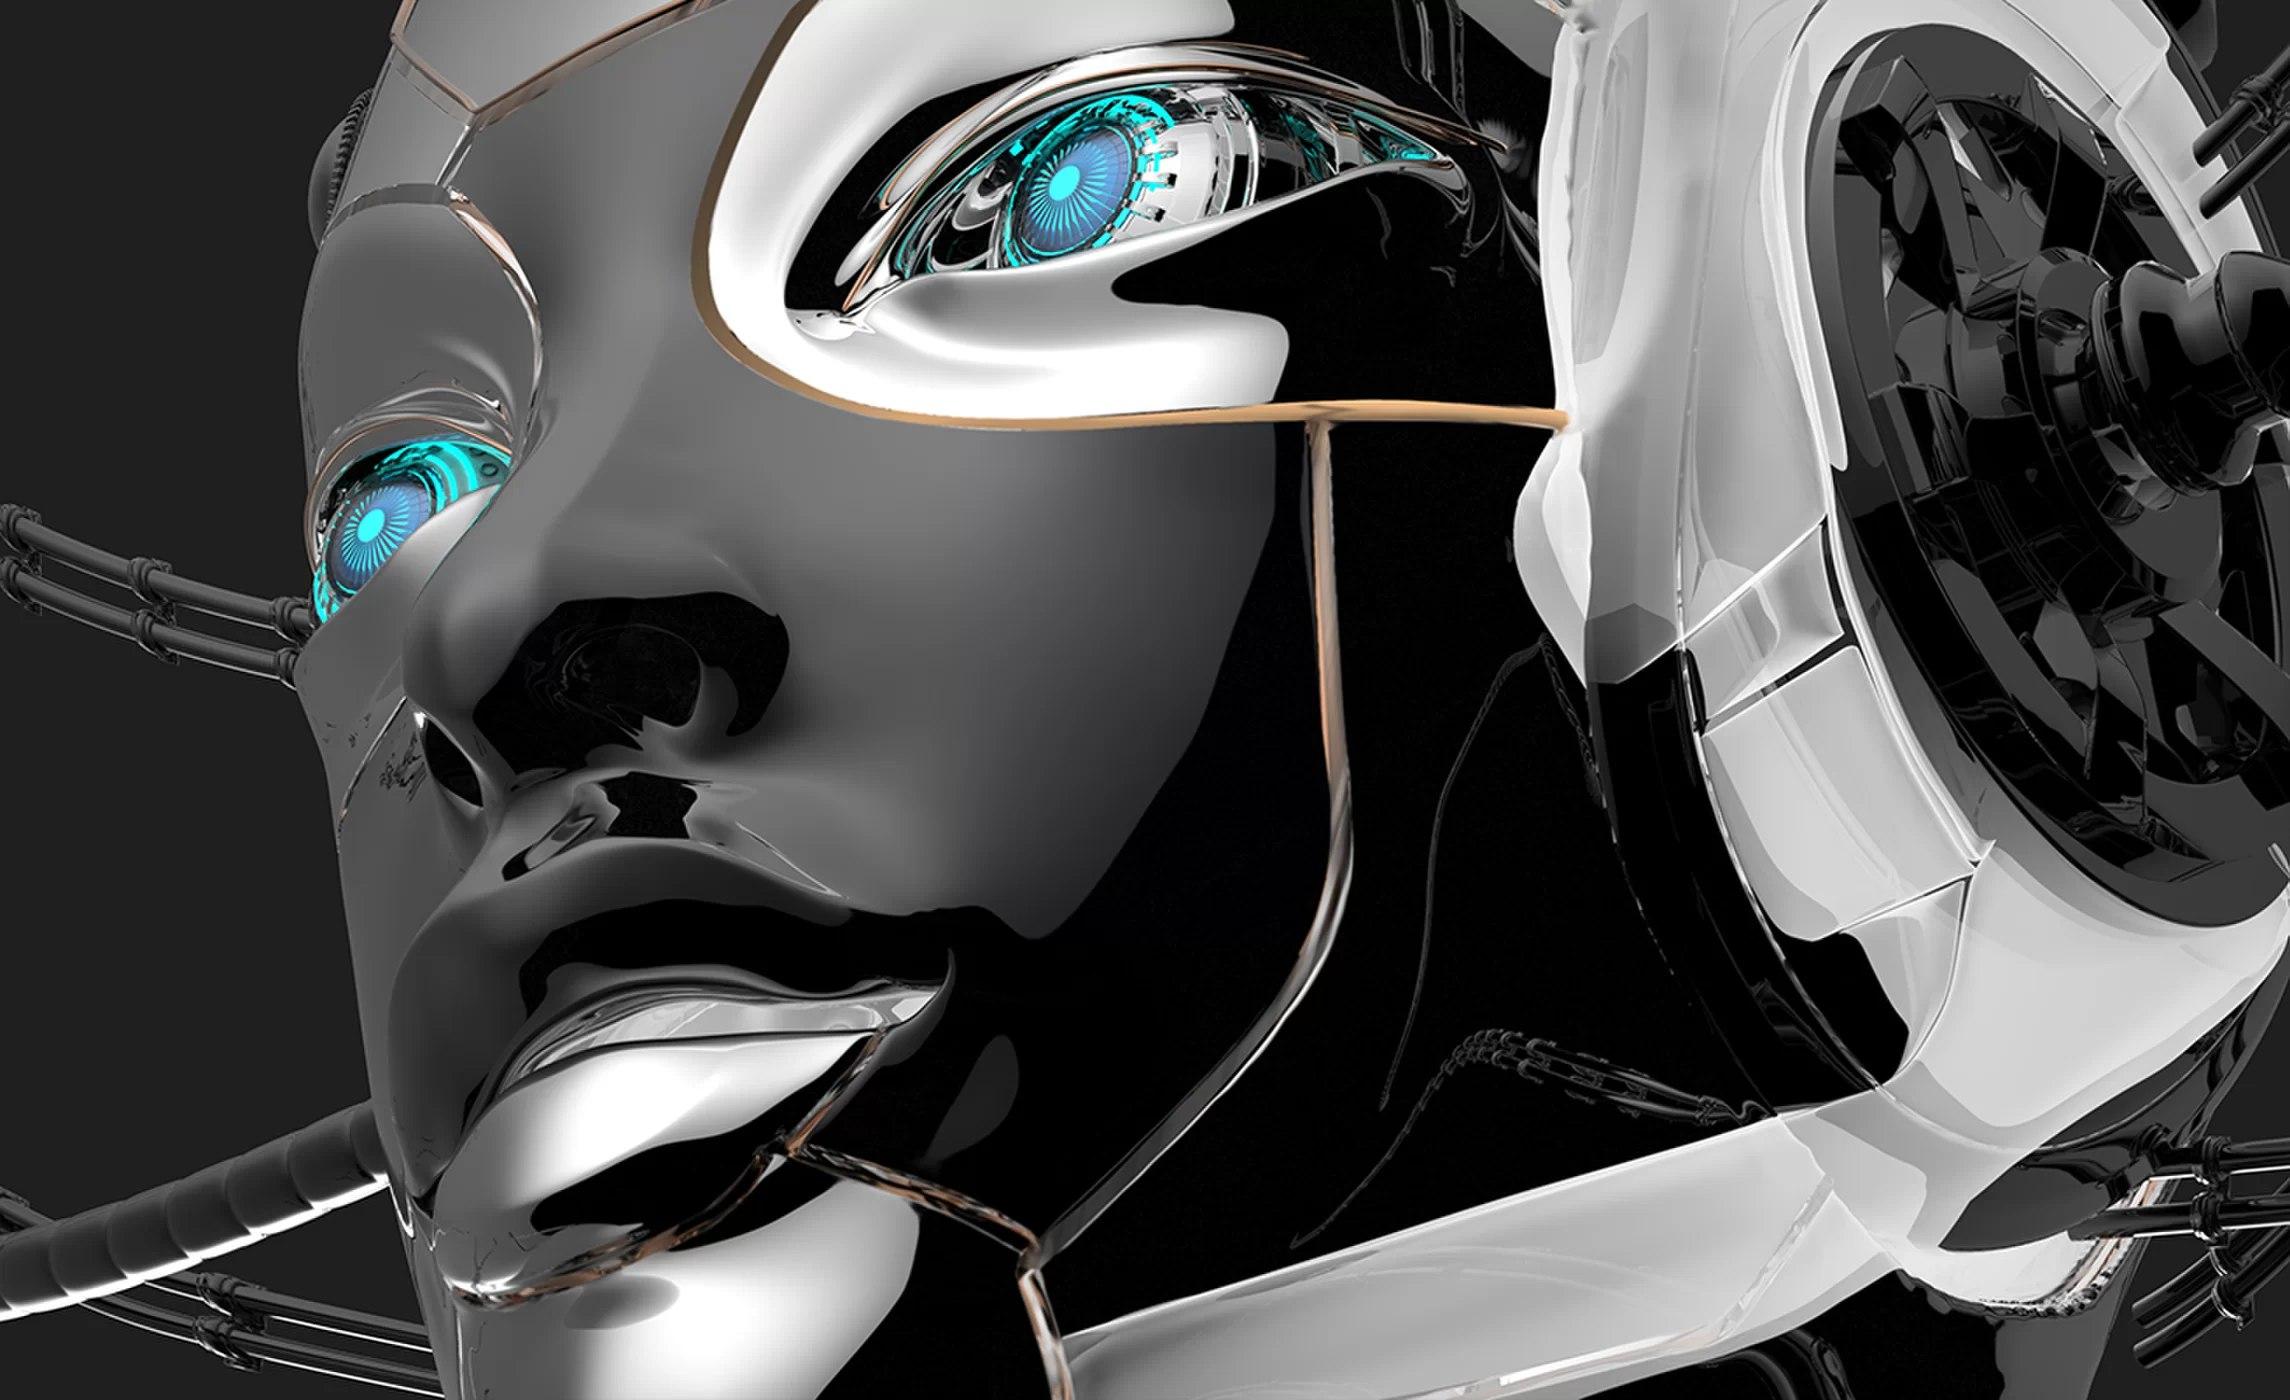 Интеллектуальные роботы будущего, Интеллектуальные домашние роботы